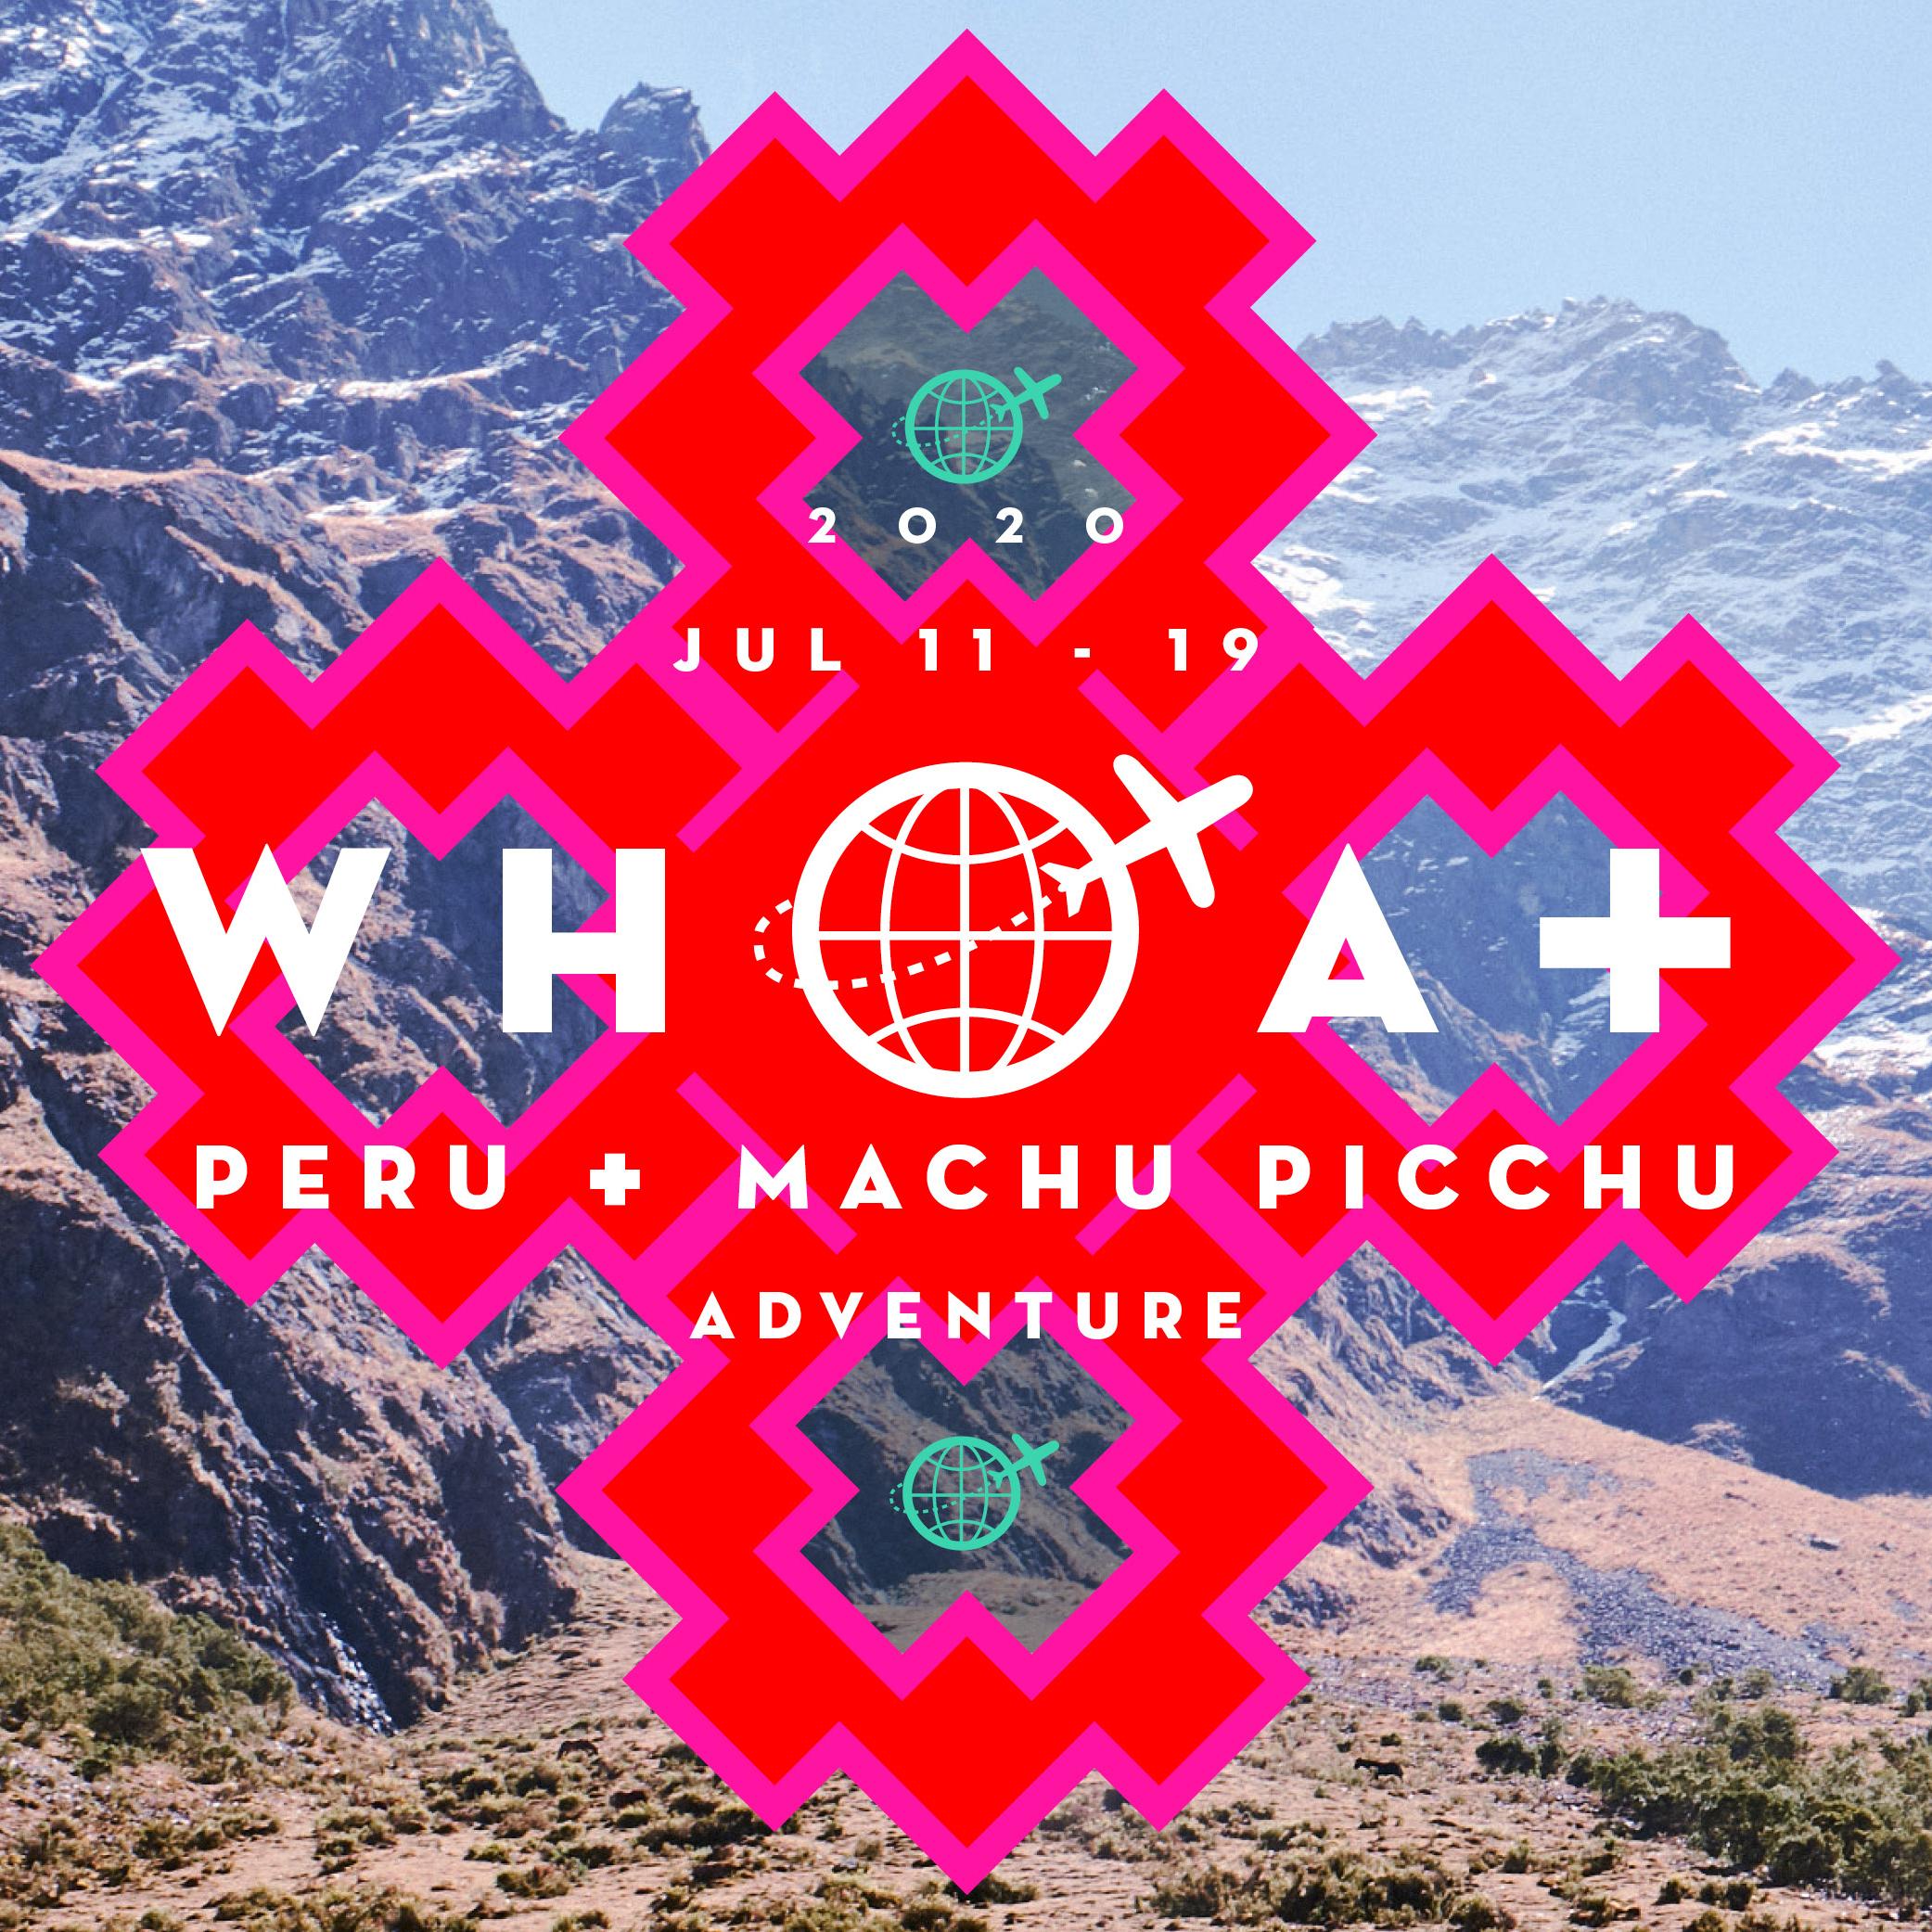 JULY 11 - 19 - 2020PERU + MACHU PICCHU$2,550